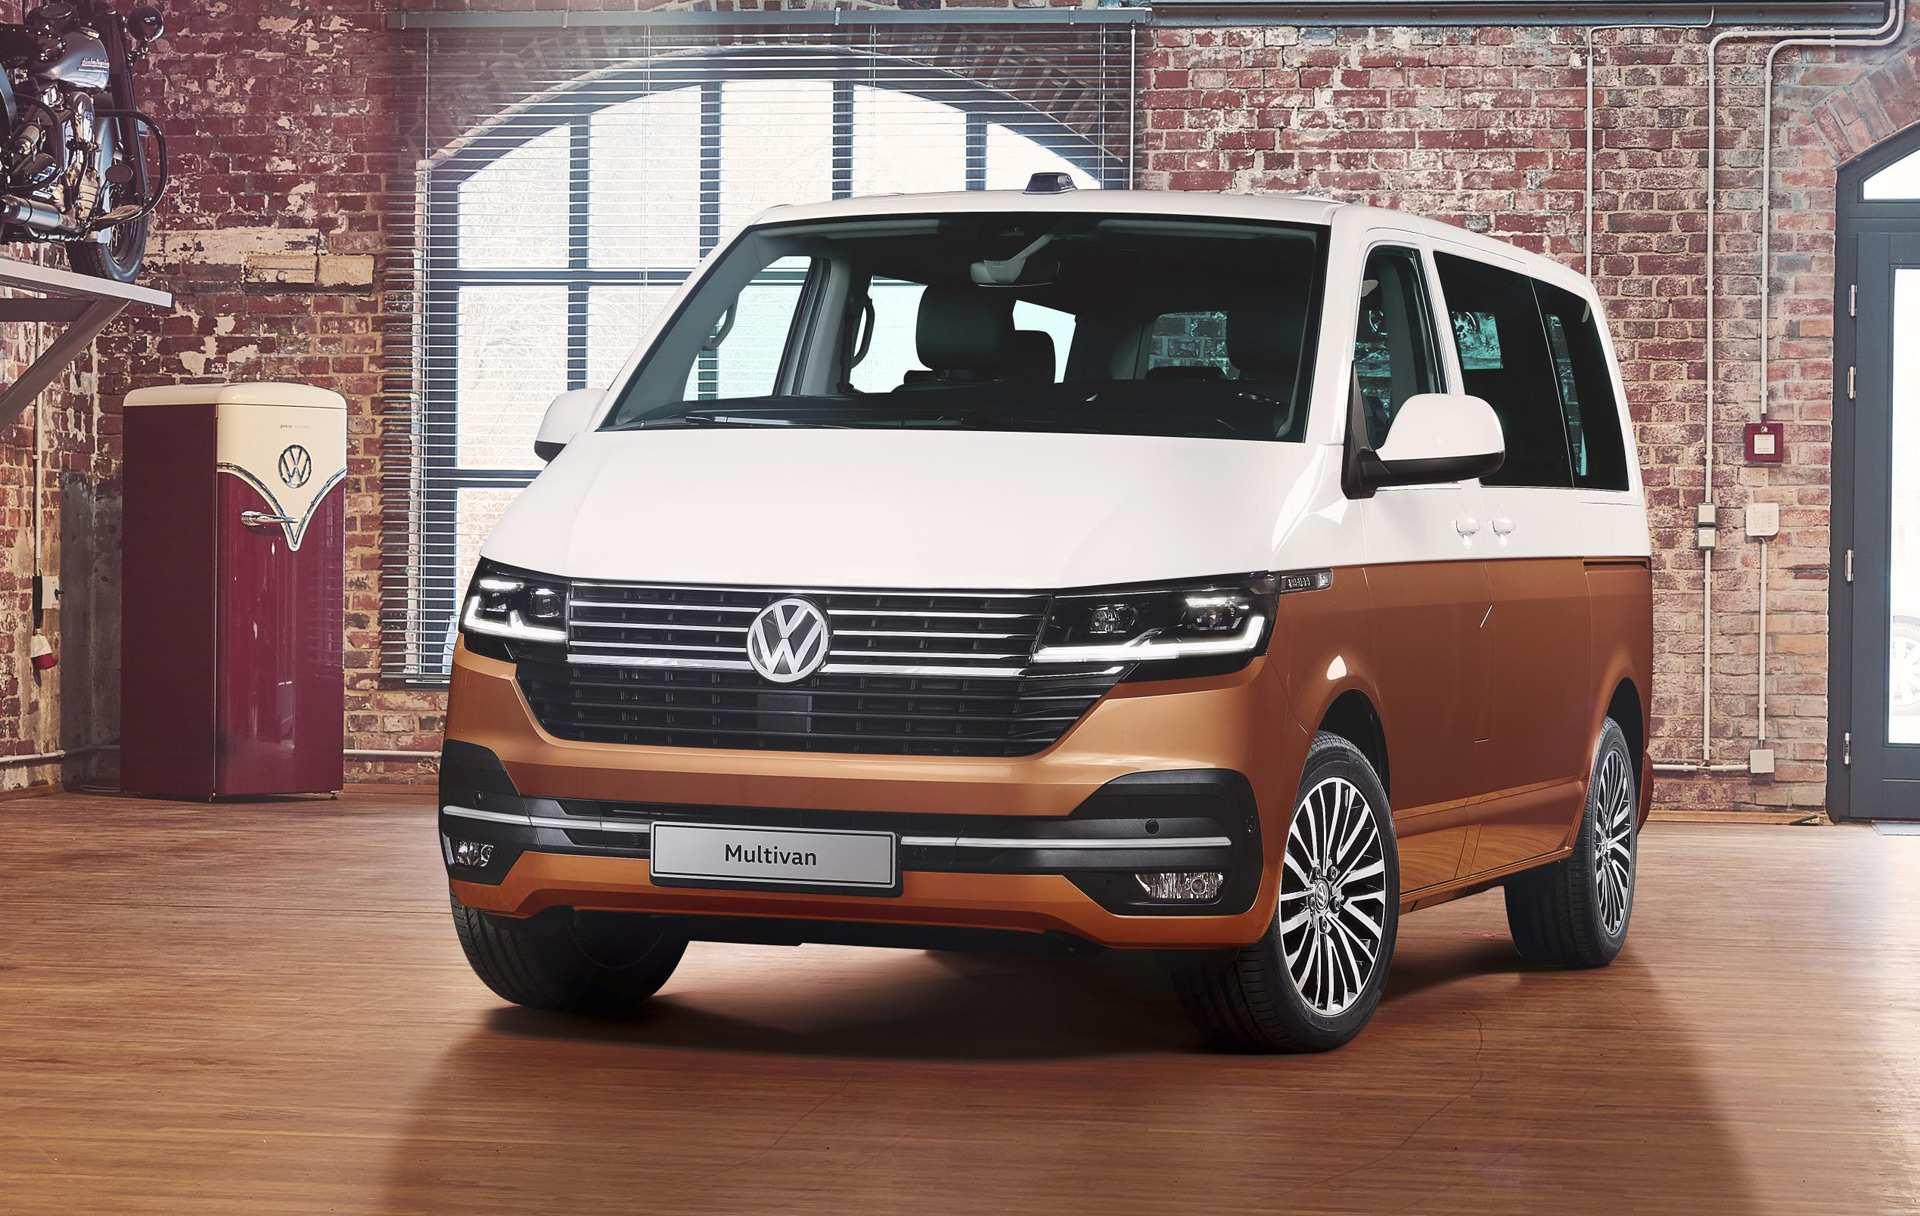 67 All New Volkswagen Minivan 2020 Configurations by Volkswagen Minivan 2020